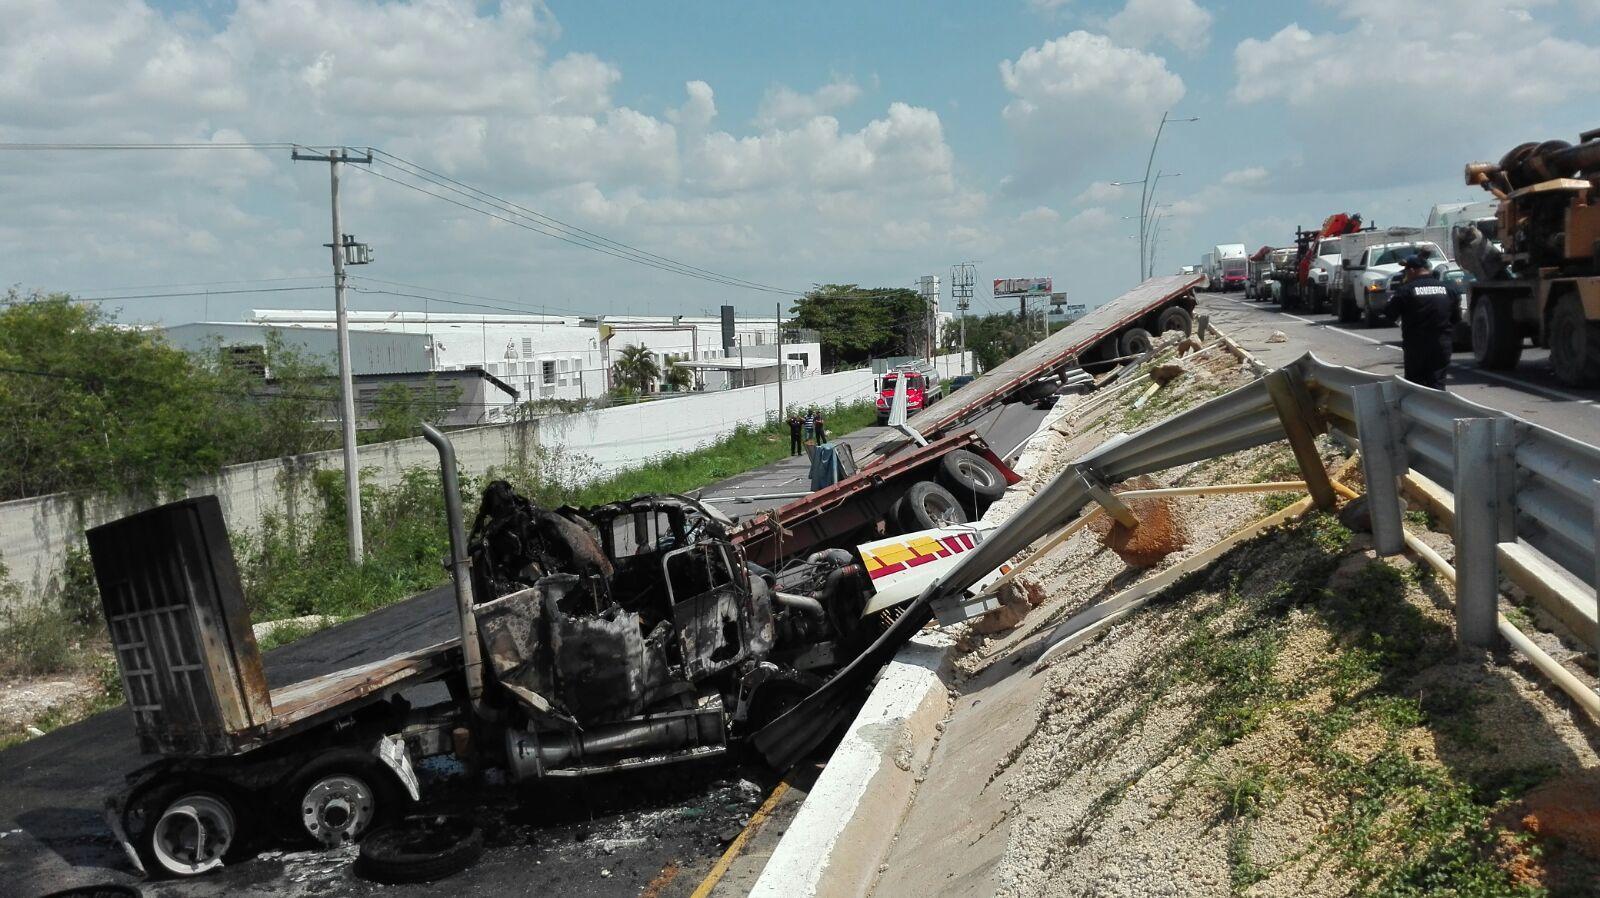 Evita chocar 20 vehículos, pero cae de puente y se incendia